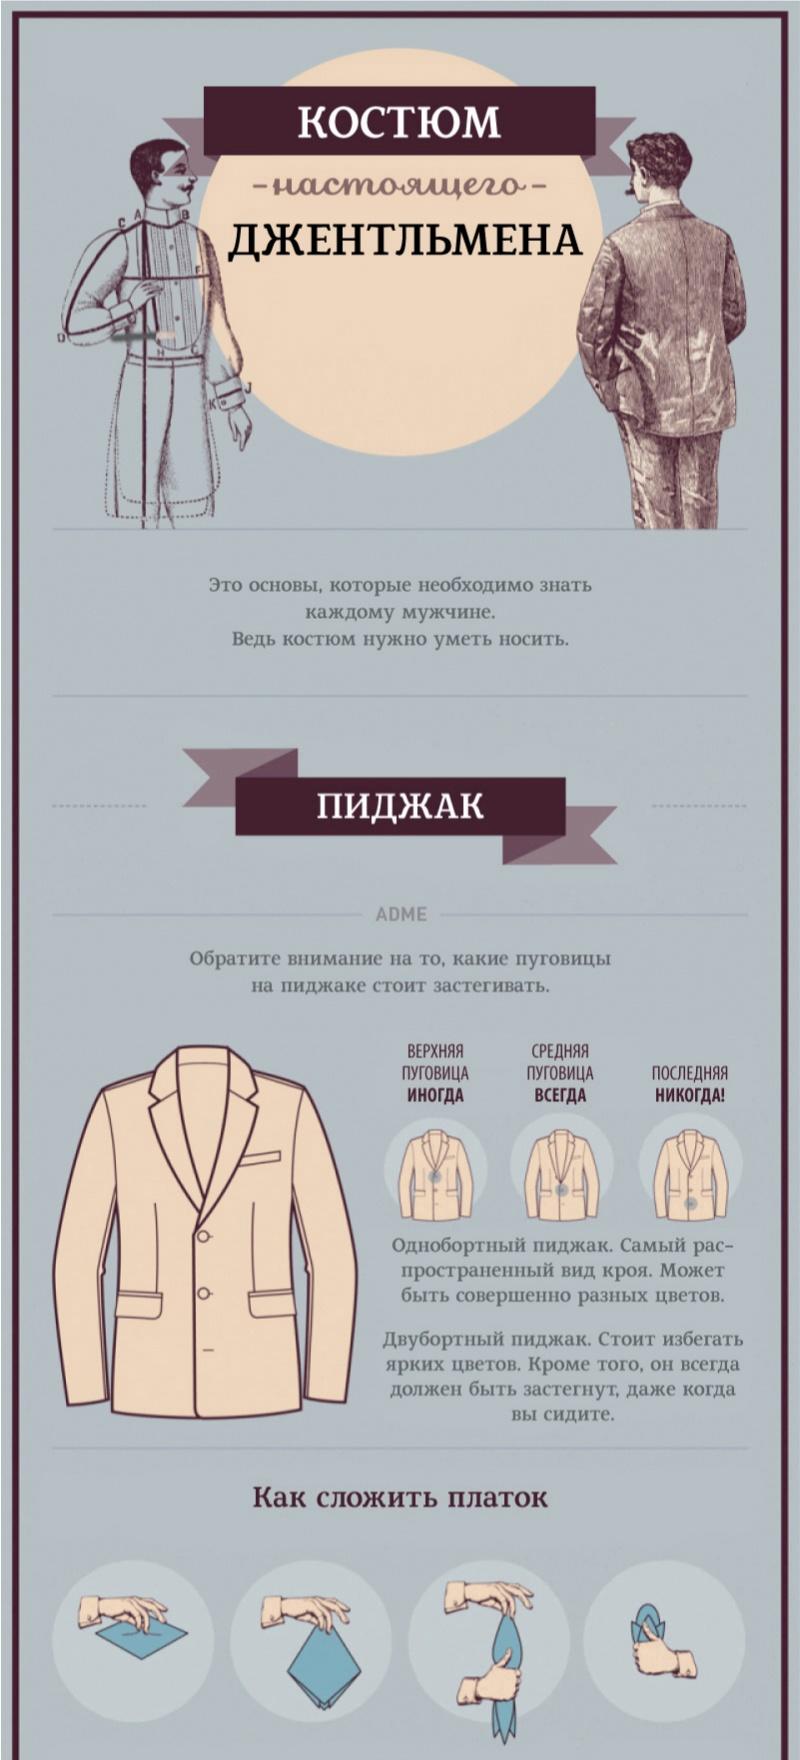 20правил стиля, которые стоит знать каждому мужчине (12 фото)